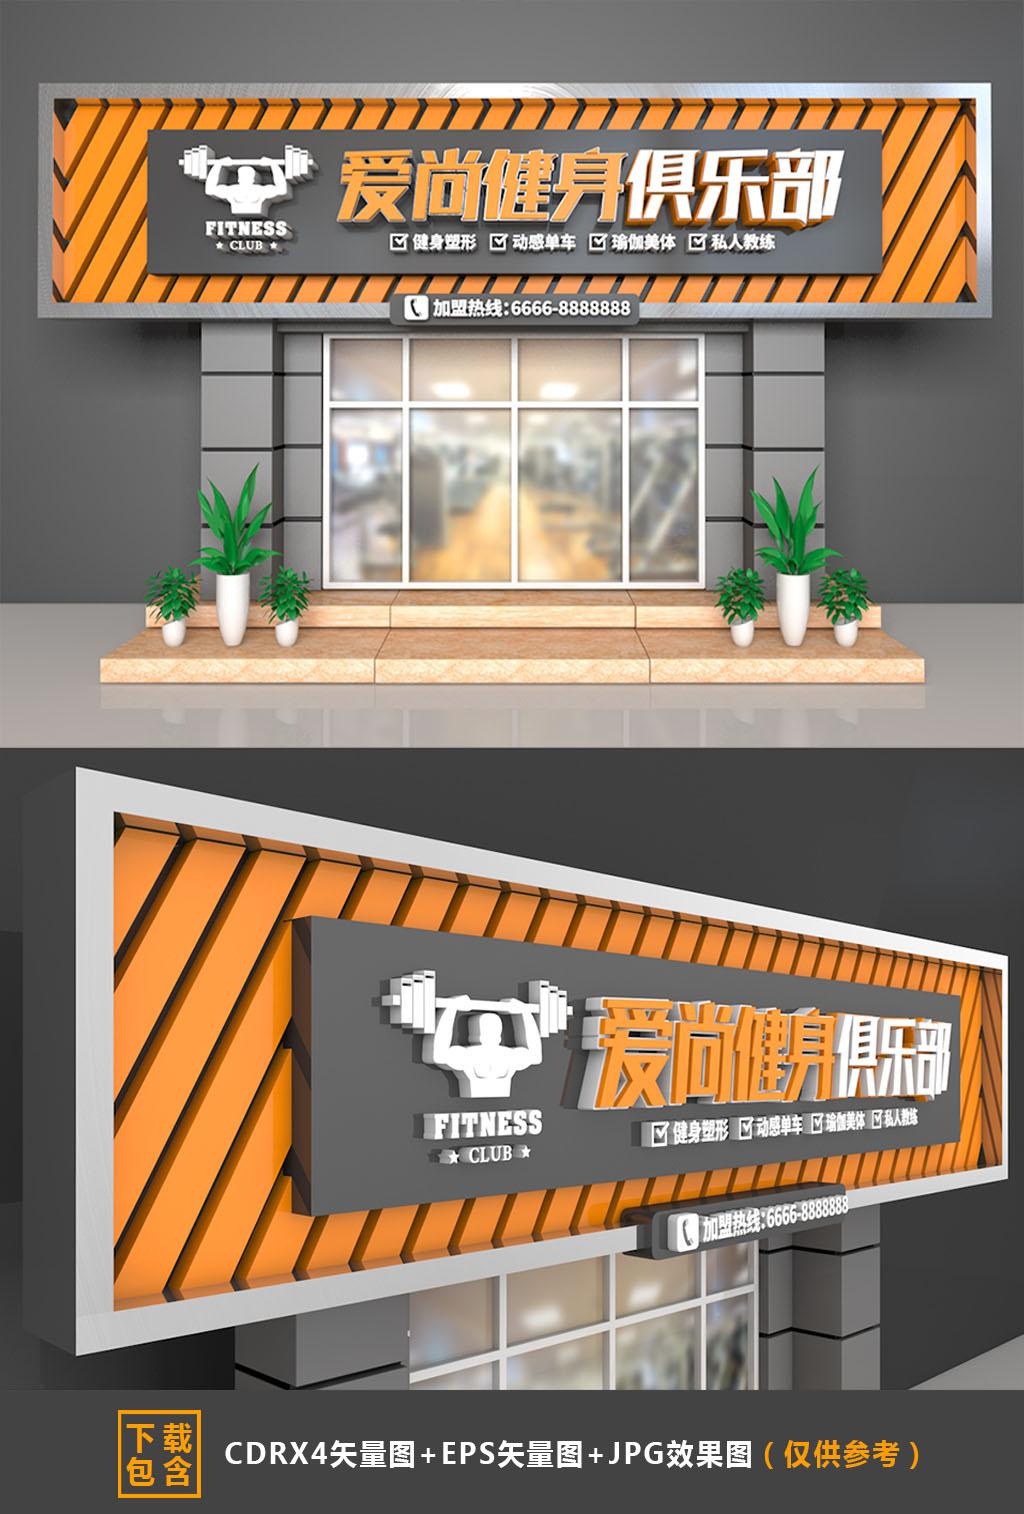 大型3D立体健身房健身俱乐部门头招牌设计源文件插图